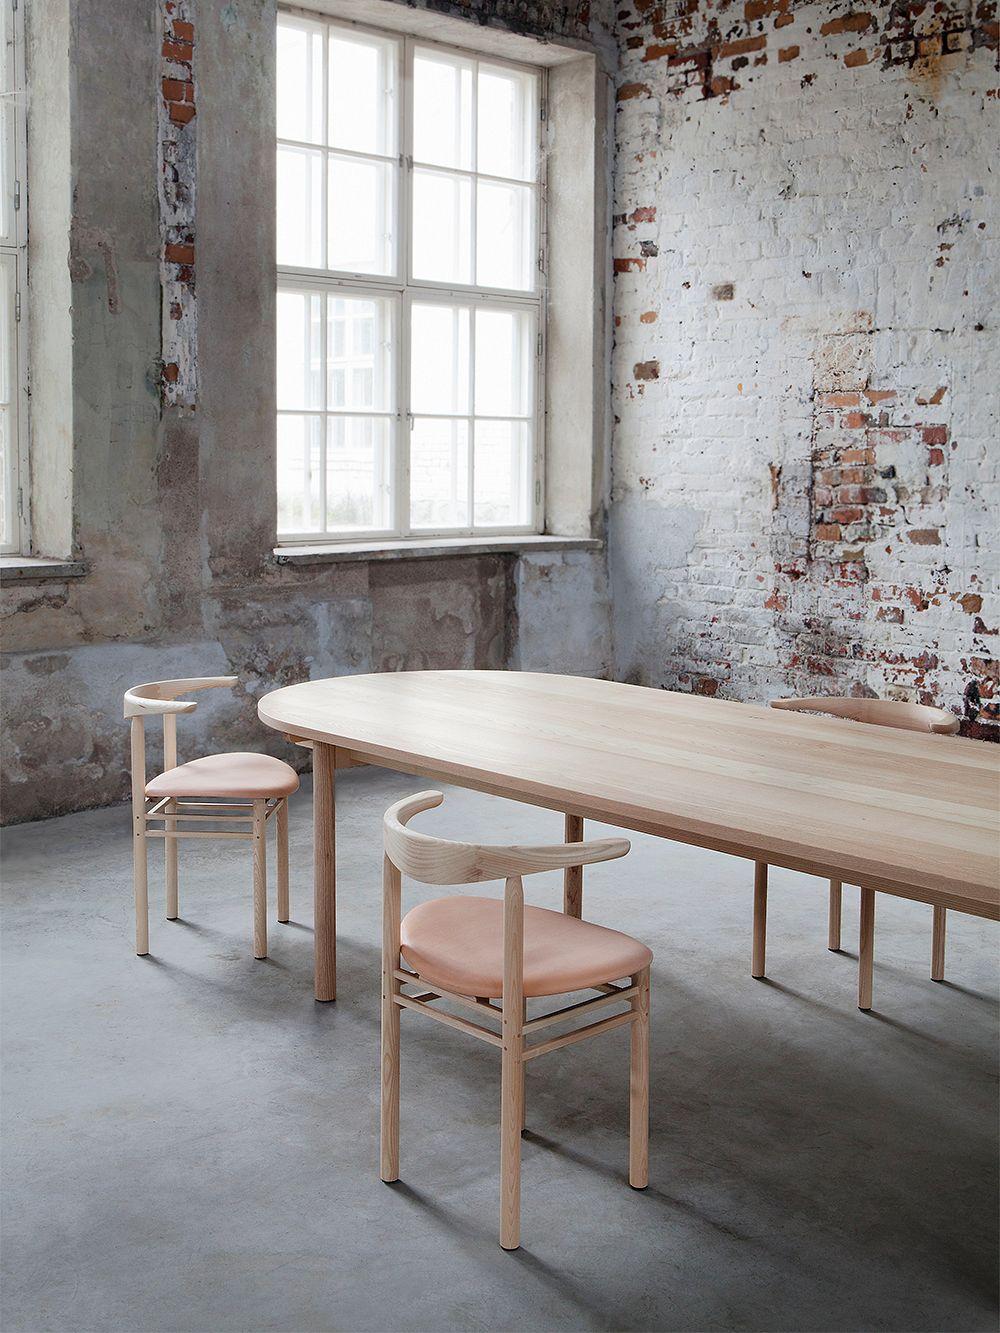 Nikari Basic pöytä, 200 x 80 x 73 cm, ovaali, tammi